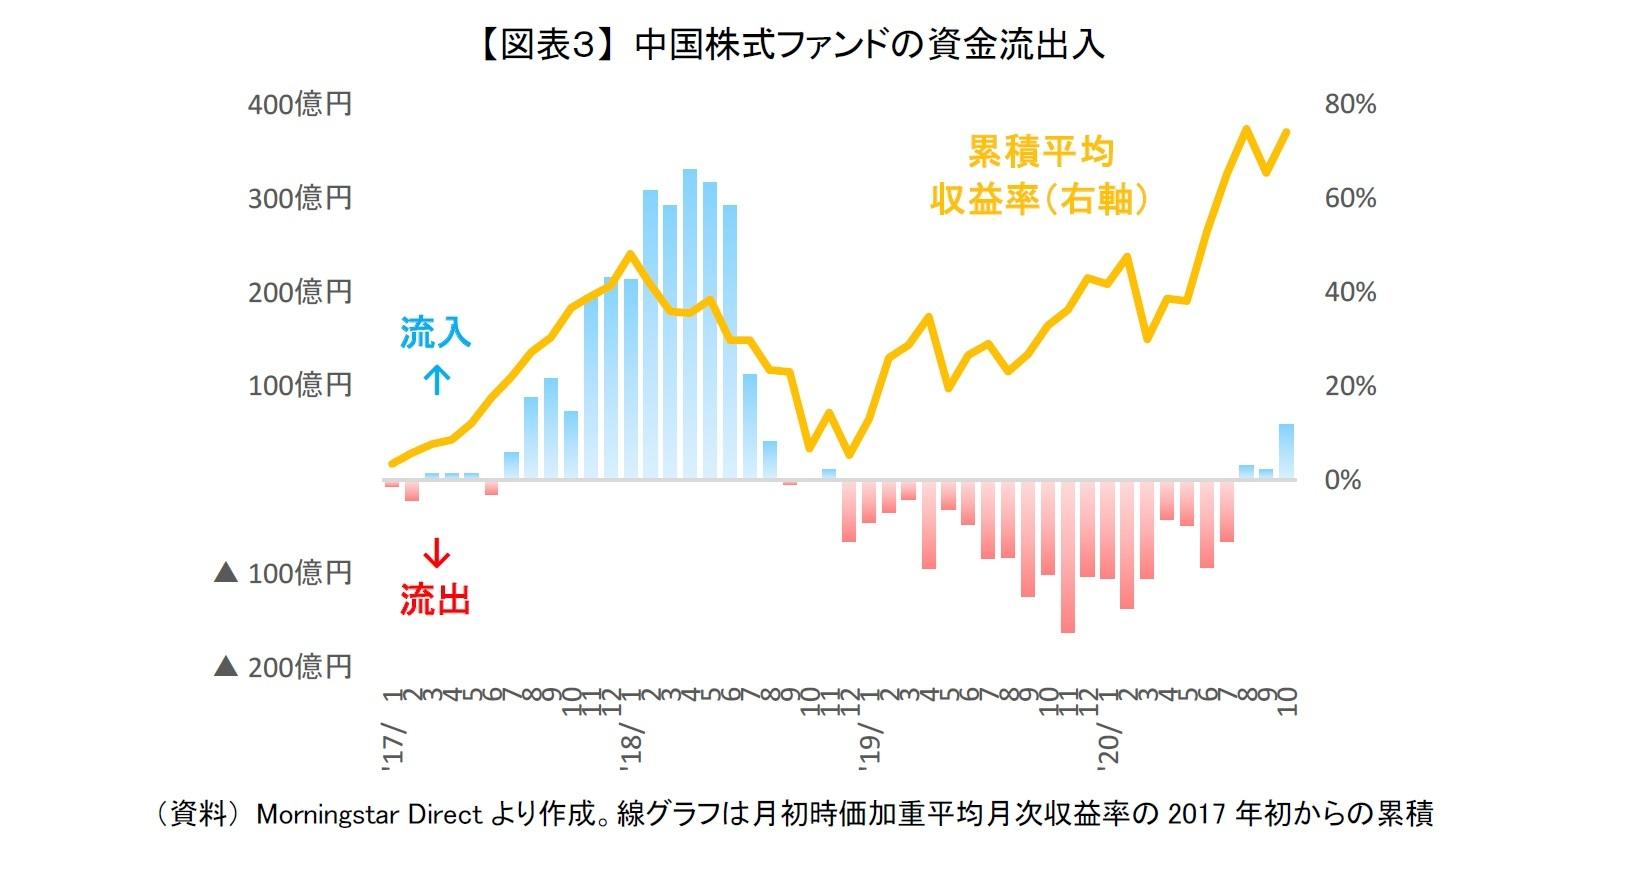 【図表3】 中国株式ファンドの資金流出入